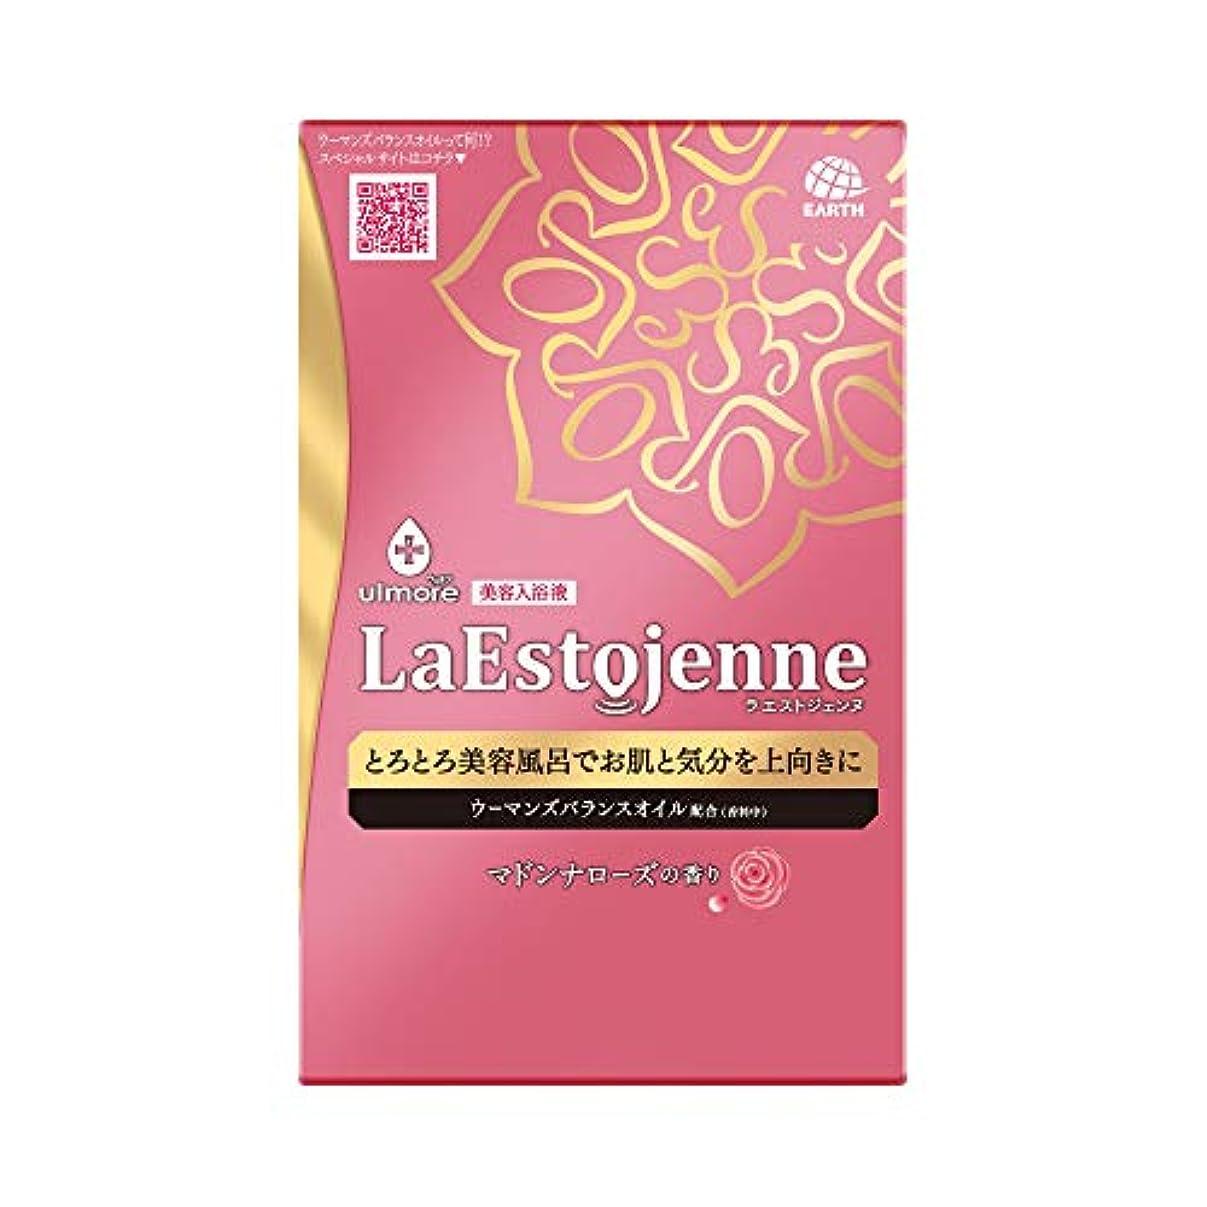 単に従事した良心的ウルモア ラエストジェンヌ 入浴剤 マドンナローズの香り [160ml x 3包入り]